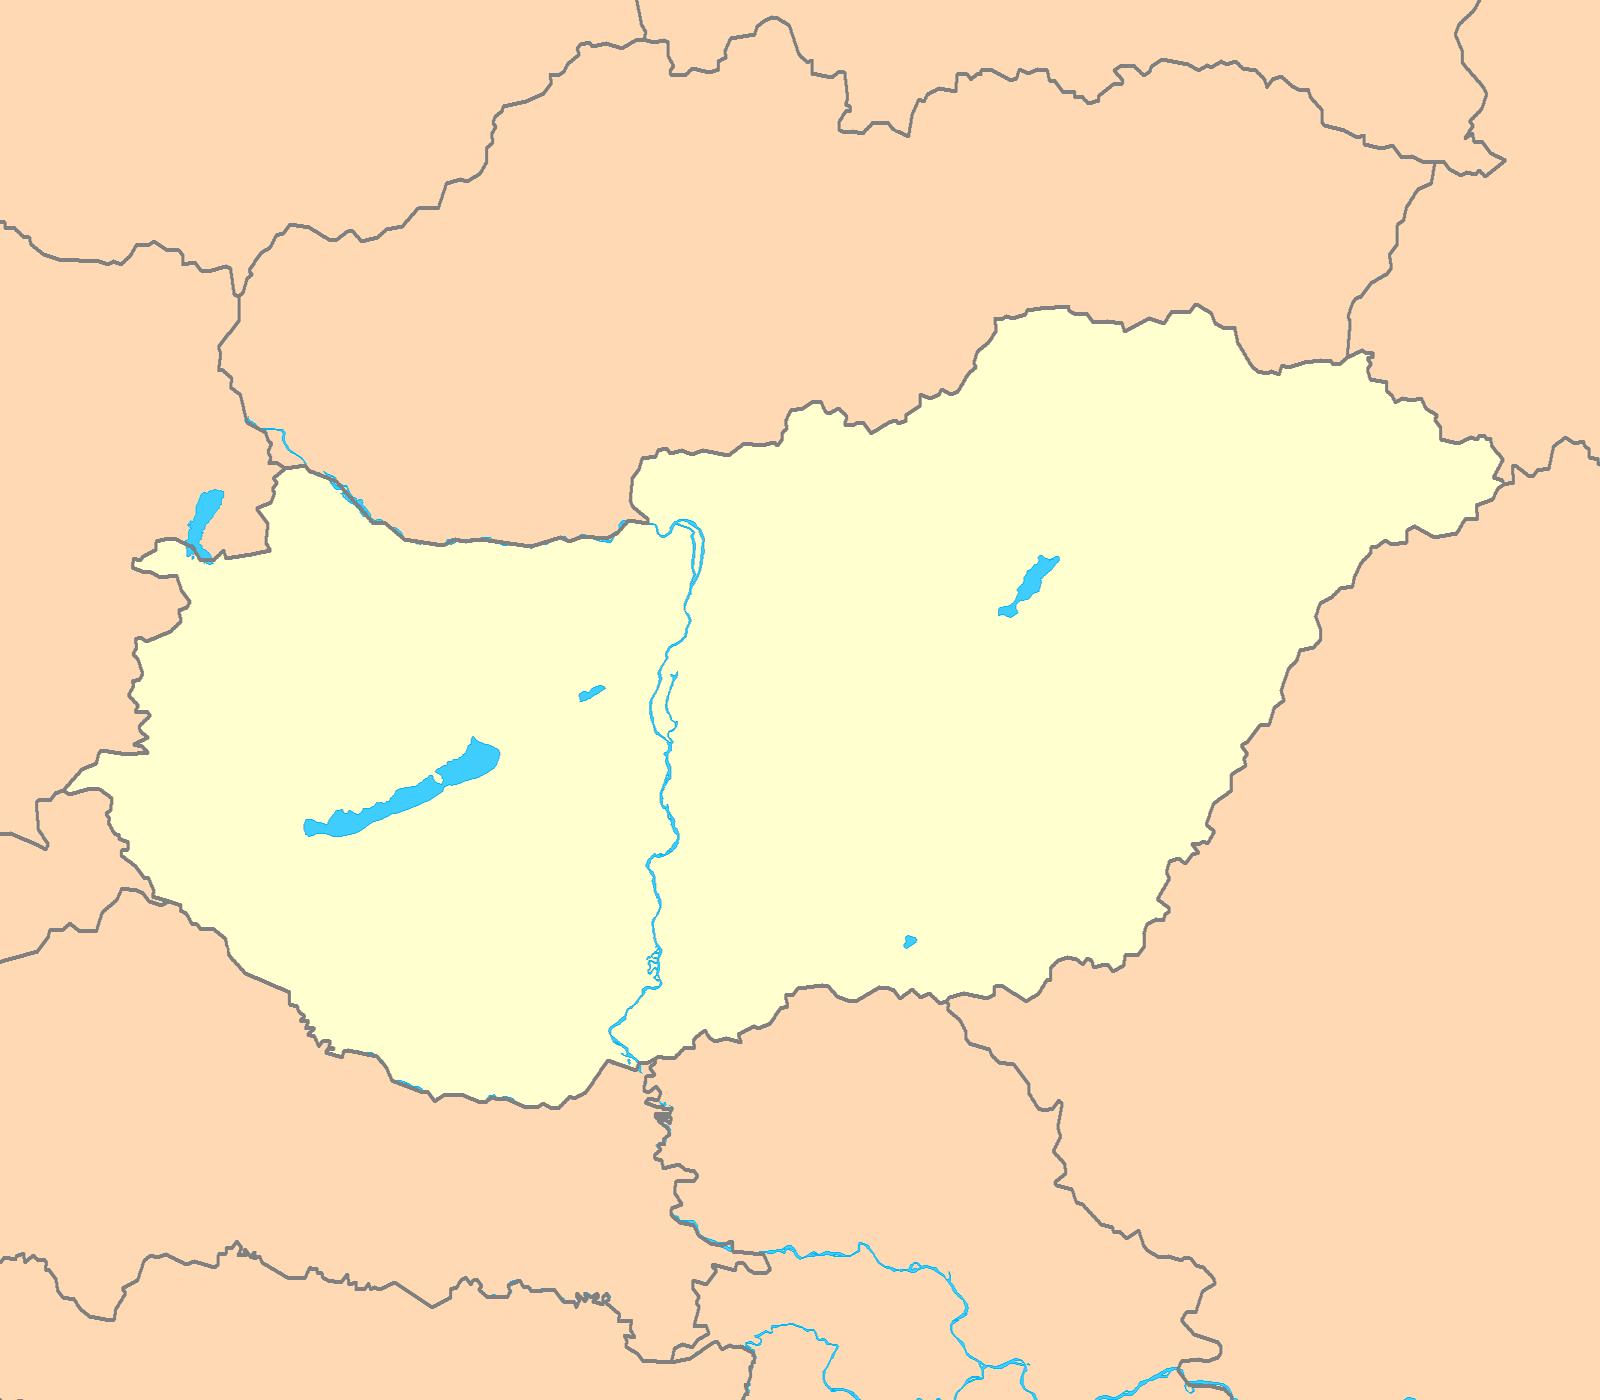 FileHungary Map Blankpng Wikimedia Commons - Hungary map